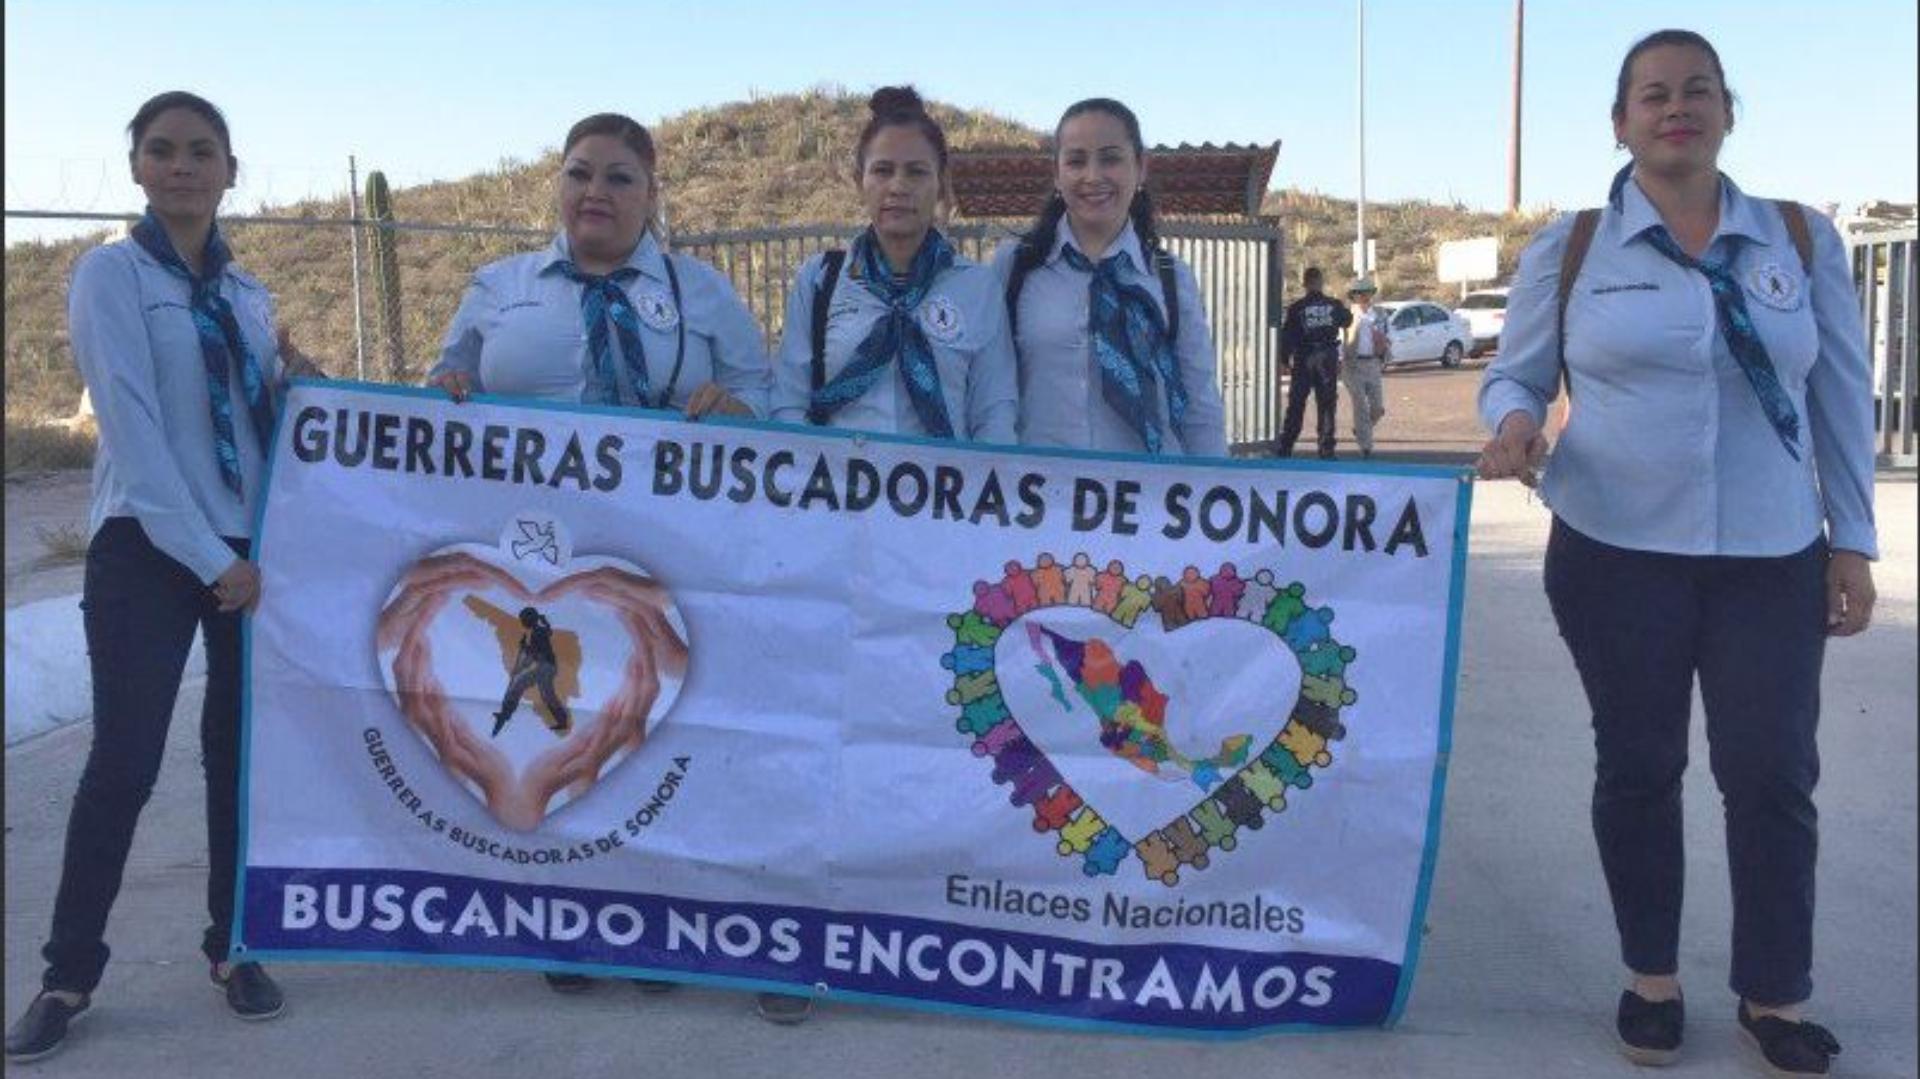 Las mujeres que forman parte de este grupo de búsqueda tienen familiares desaparecidos (Foto: Twitter)